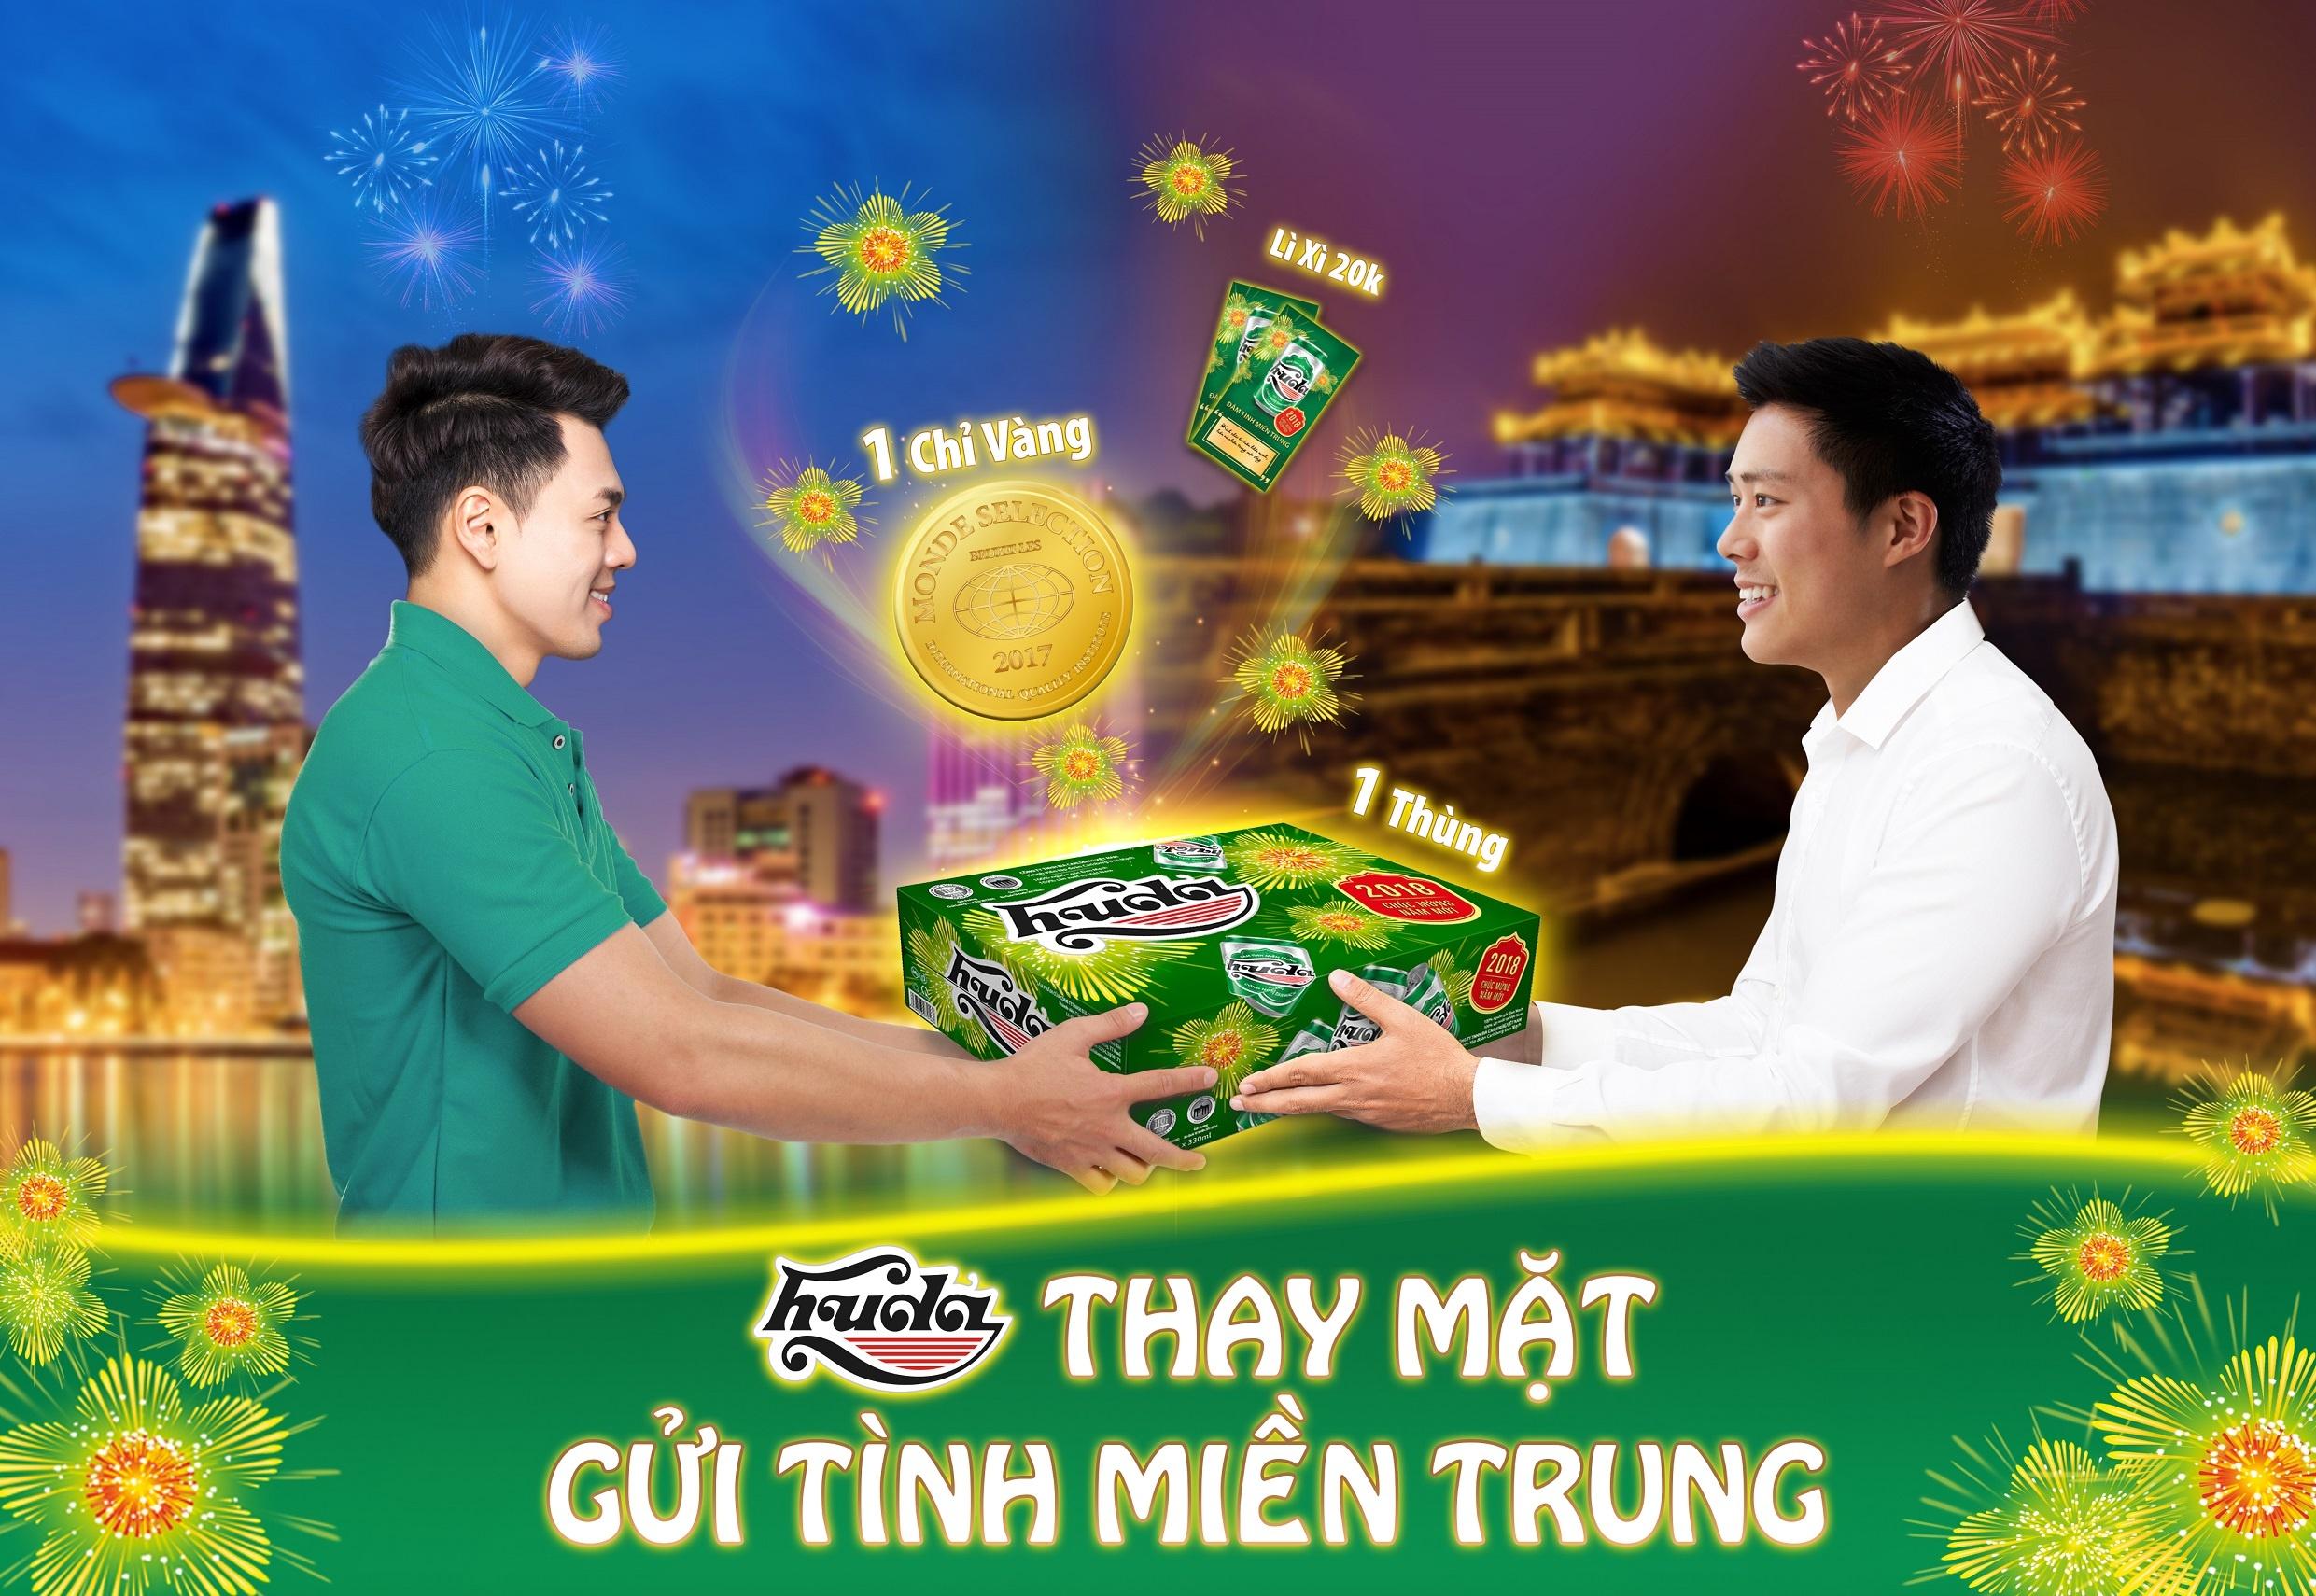 Tet mien Trung nuc long nguoi xa xu hinh anh 7